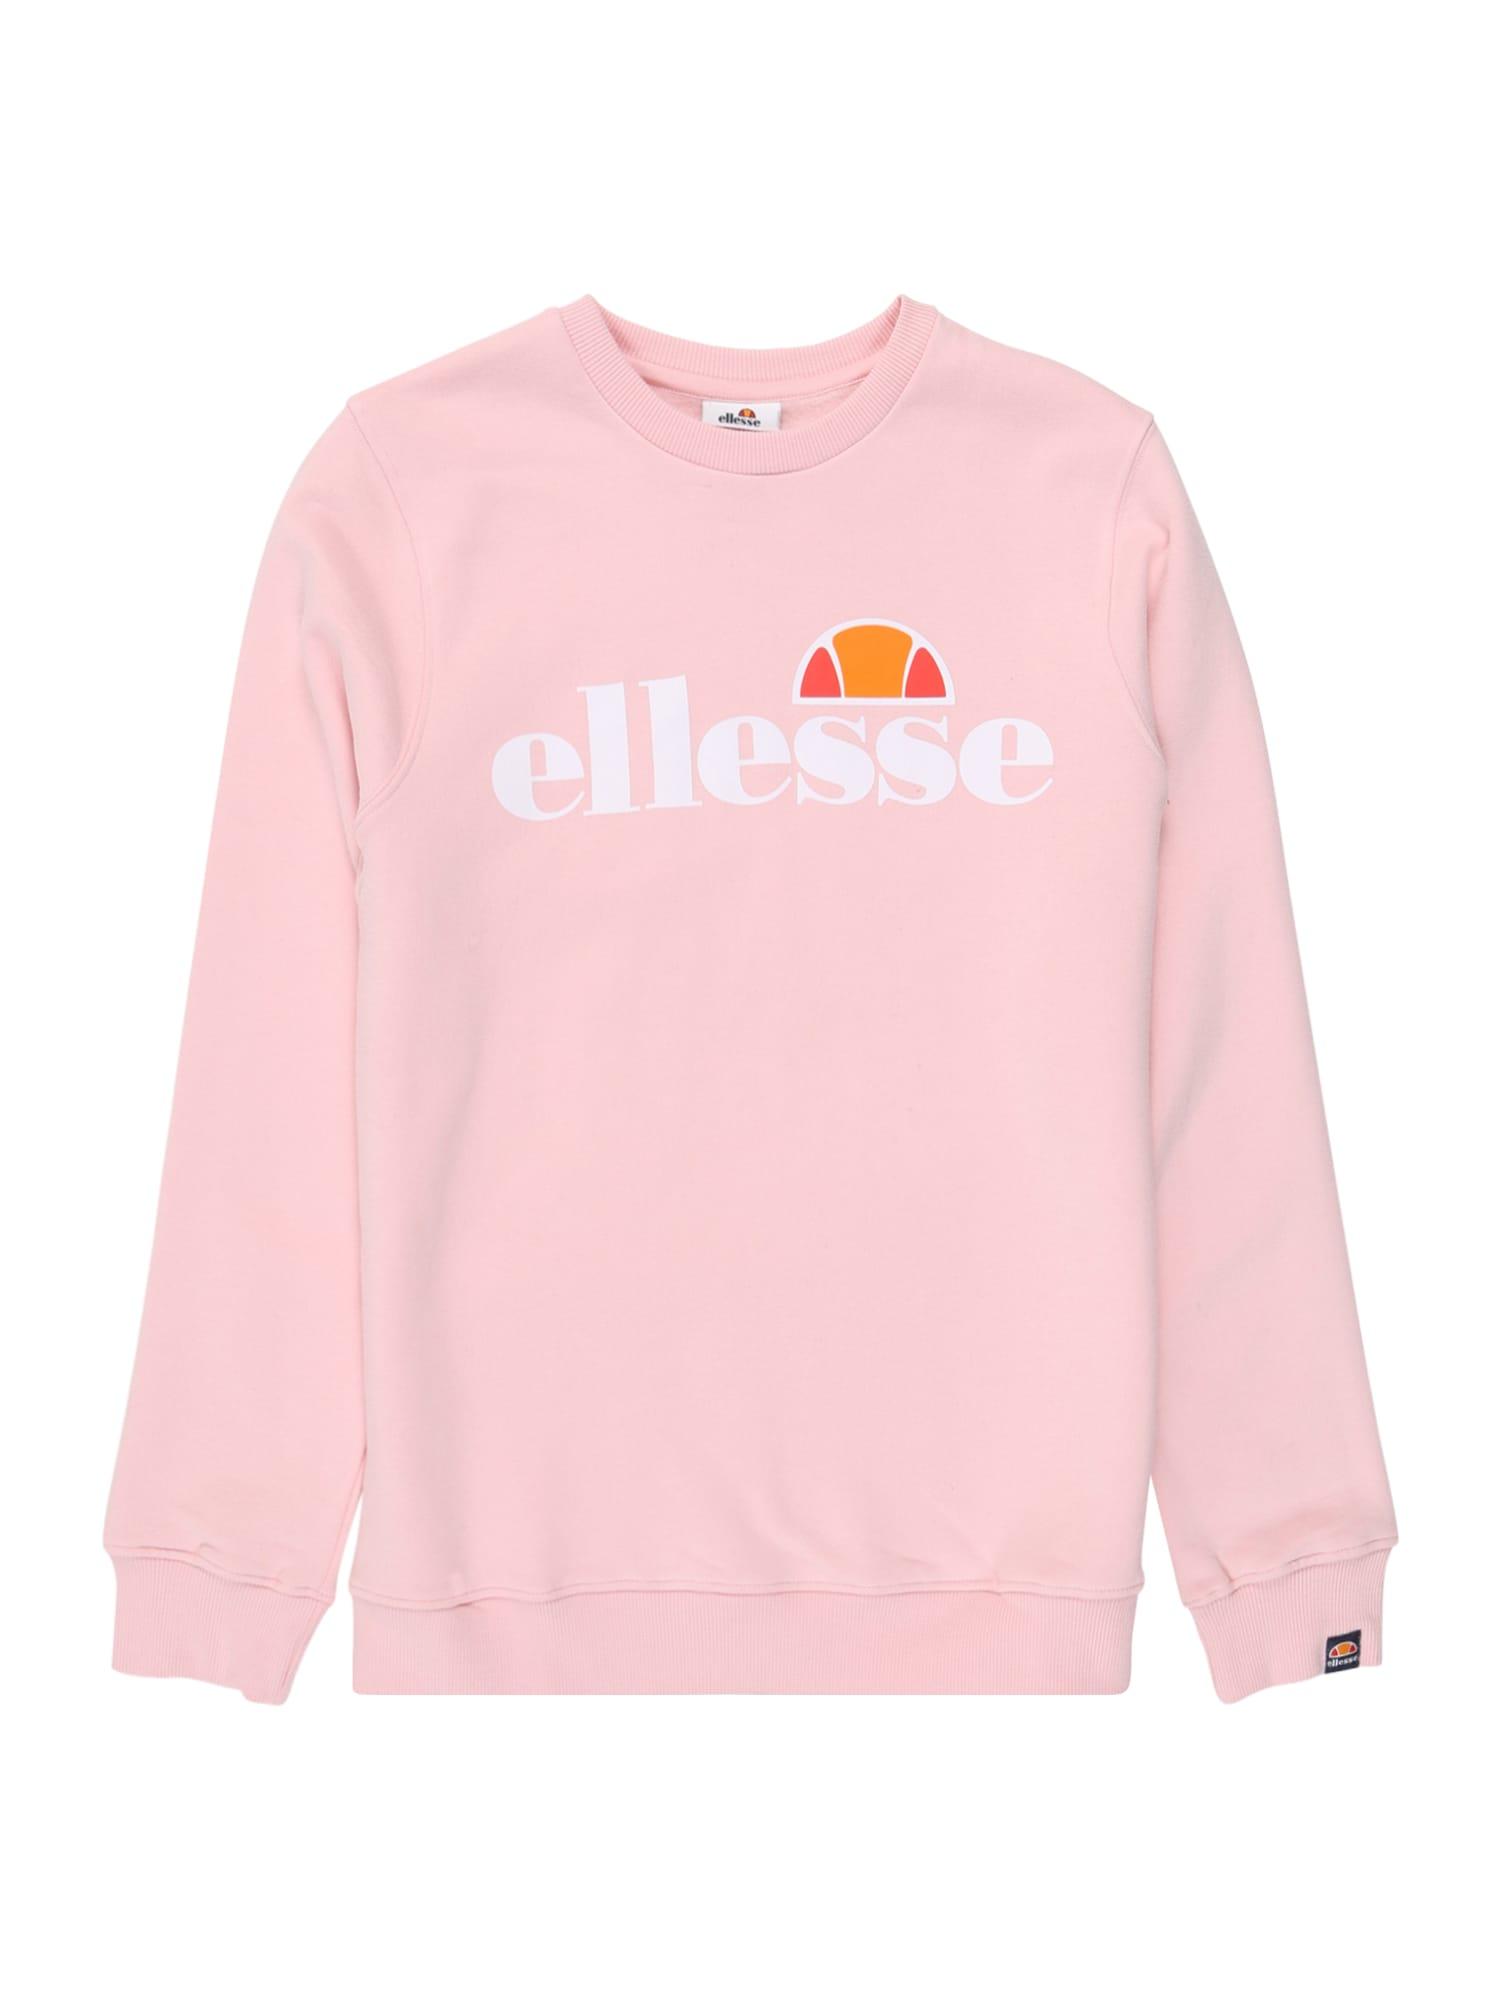 ELLESSE Megztinis be užsegimo 'Siobhen' rožių spalva / balta / oranžinė-raudona / oranžinė